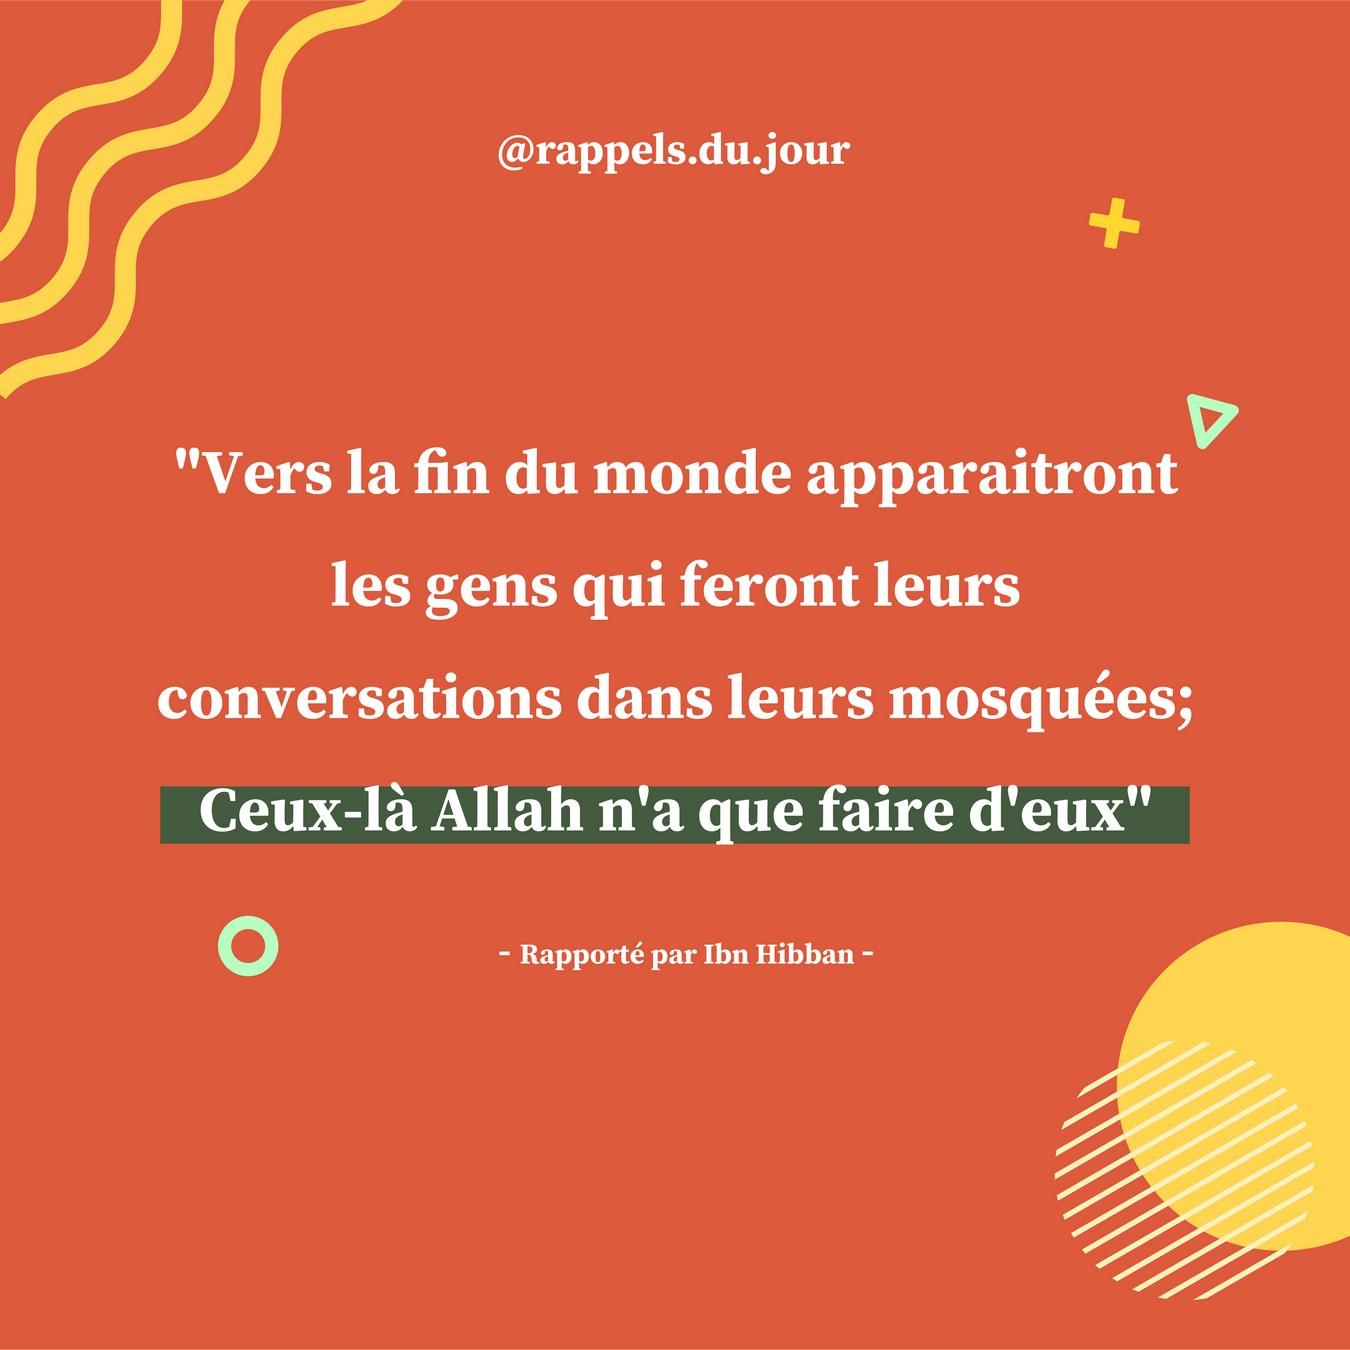 Hadith Abdullah Ibn Mas'ud - Vers la fin des temps les gens parle de la vie mondaine dans la mosquée